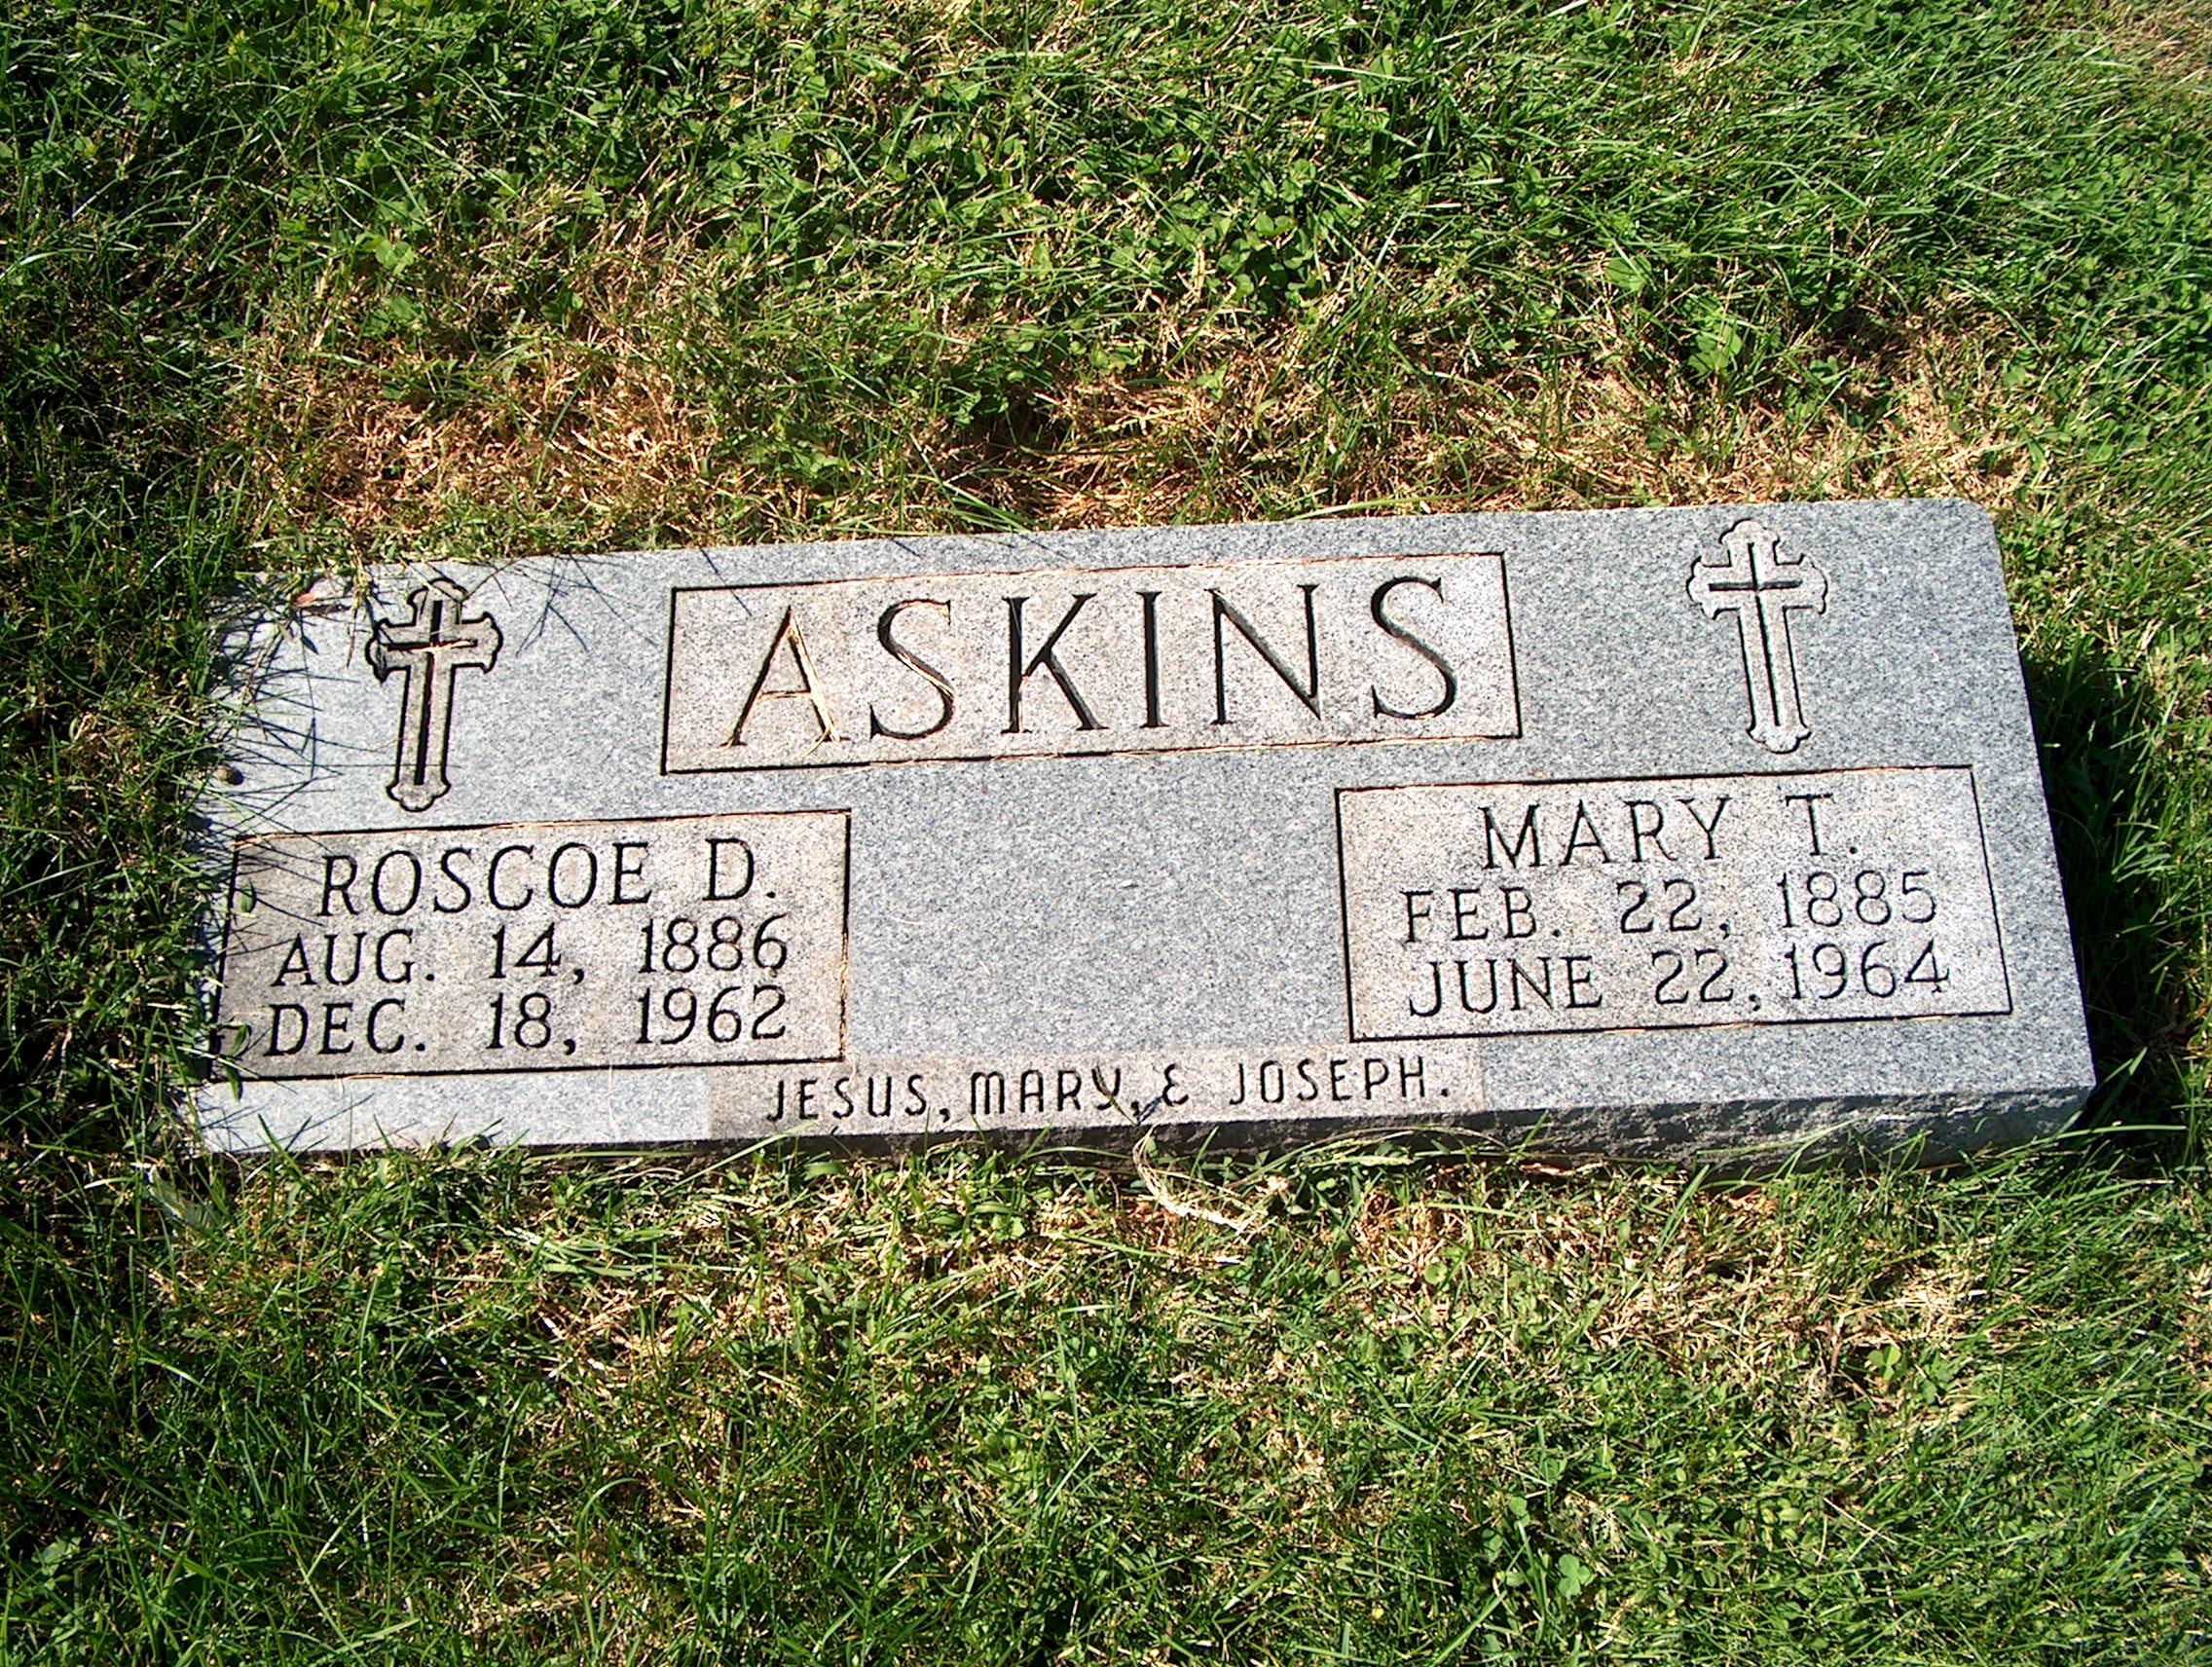 Ross D Askins